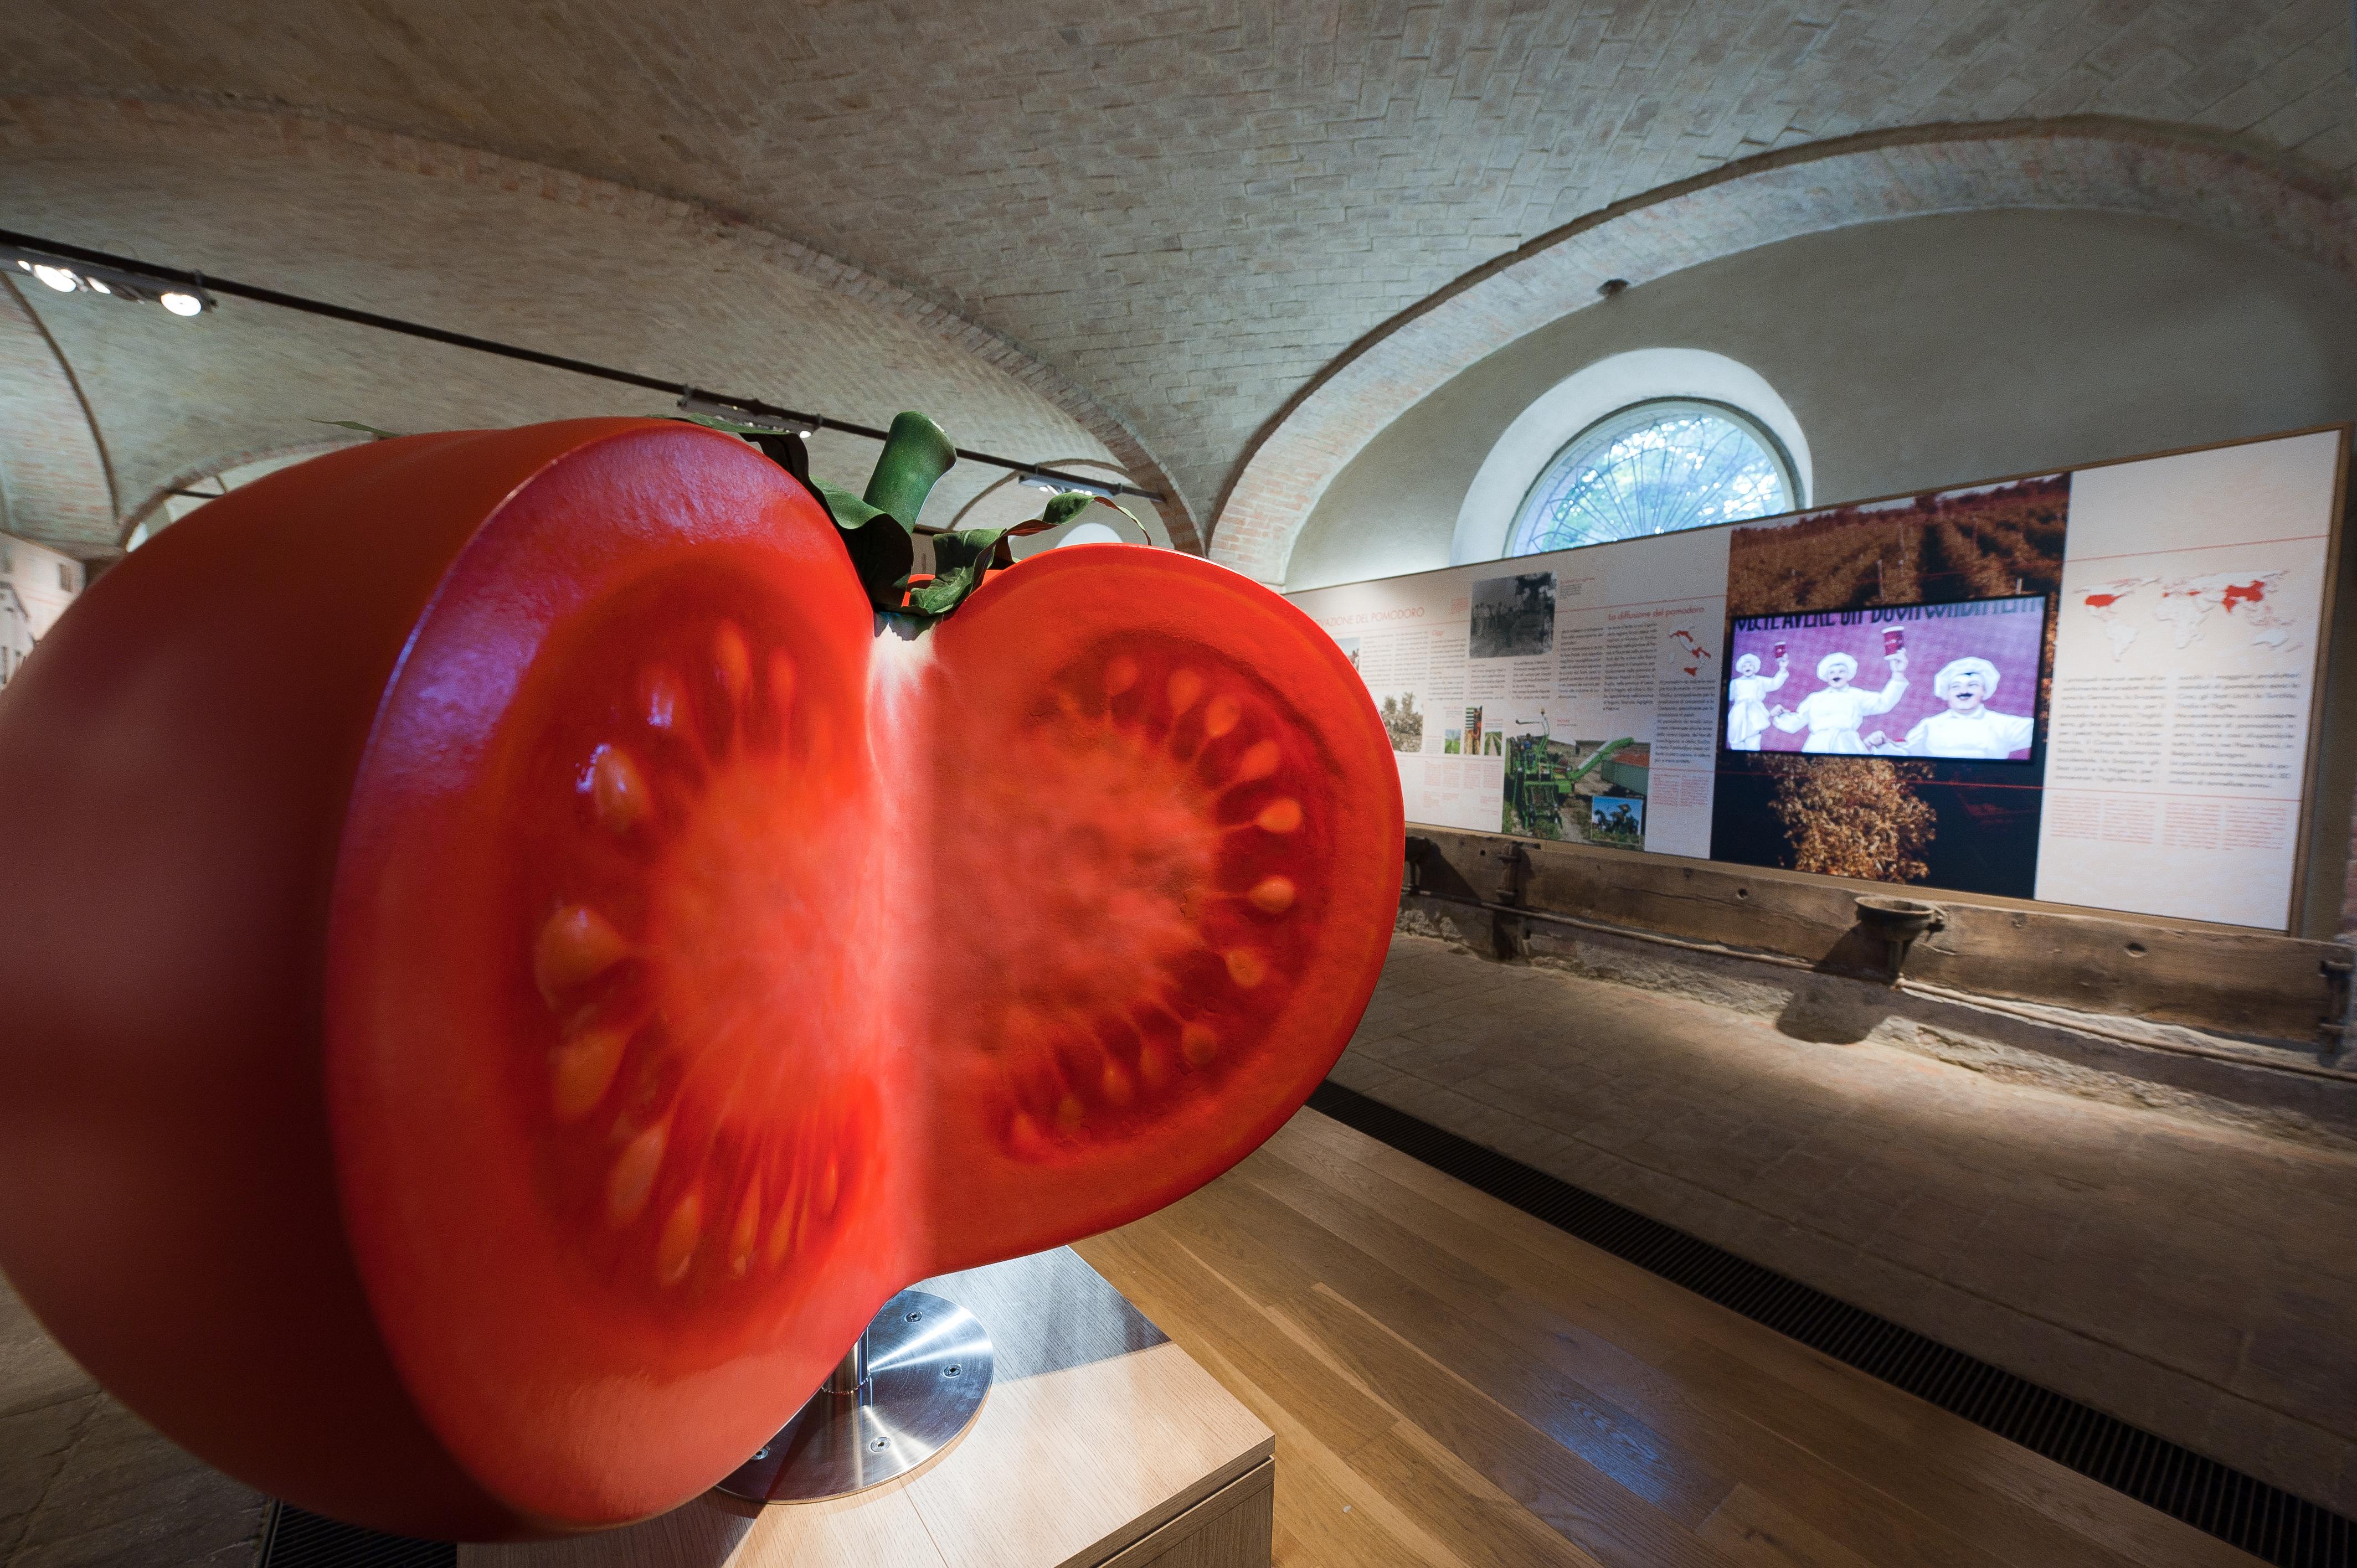 Museo del Pomodoro a Collecchio